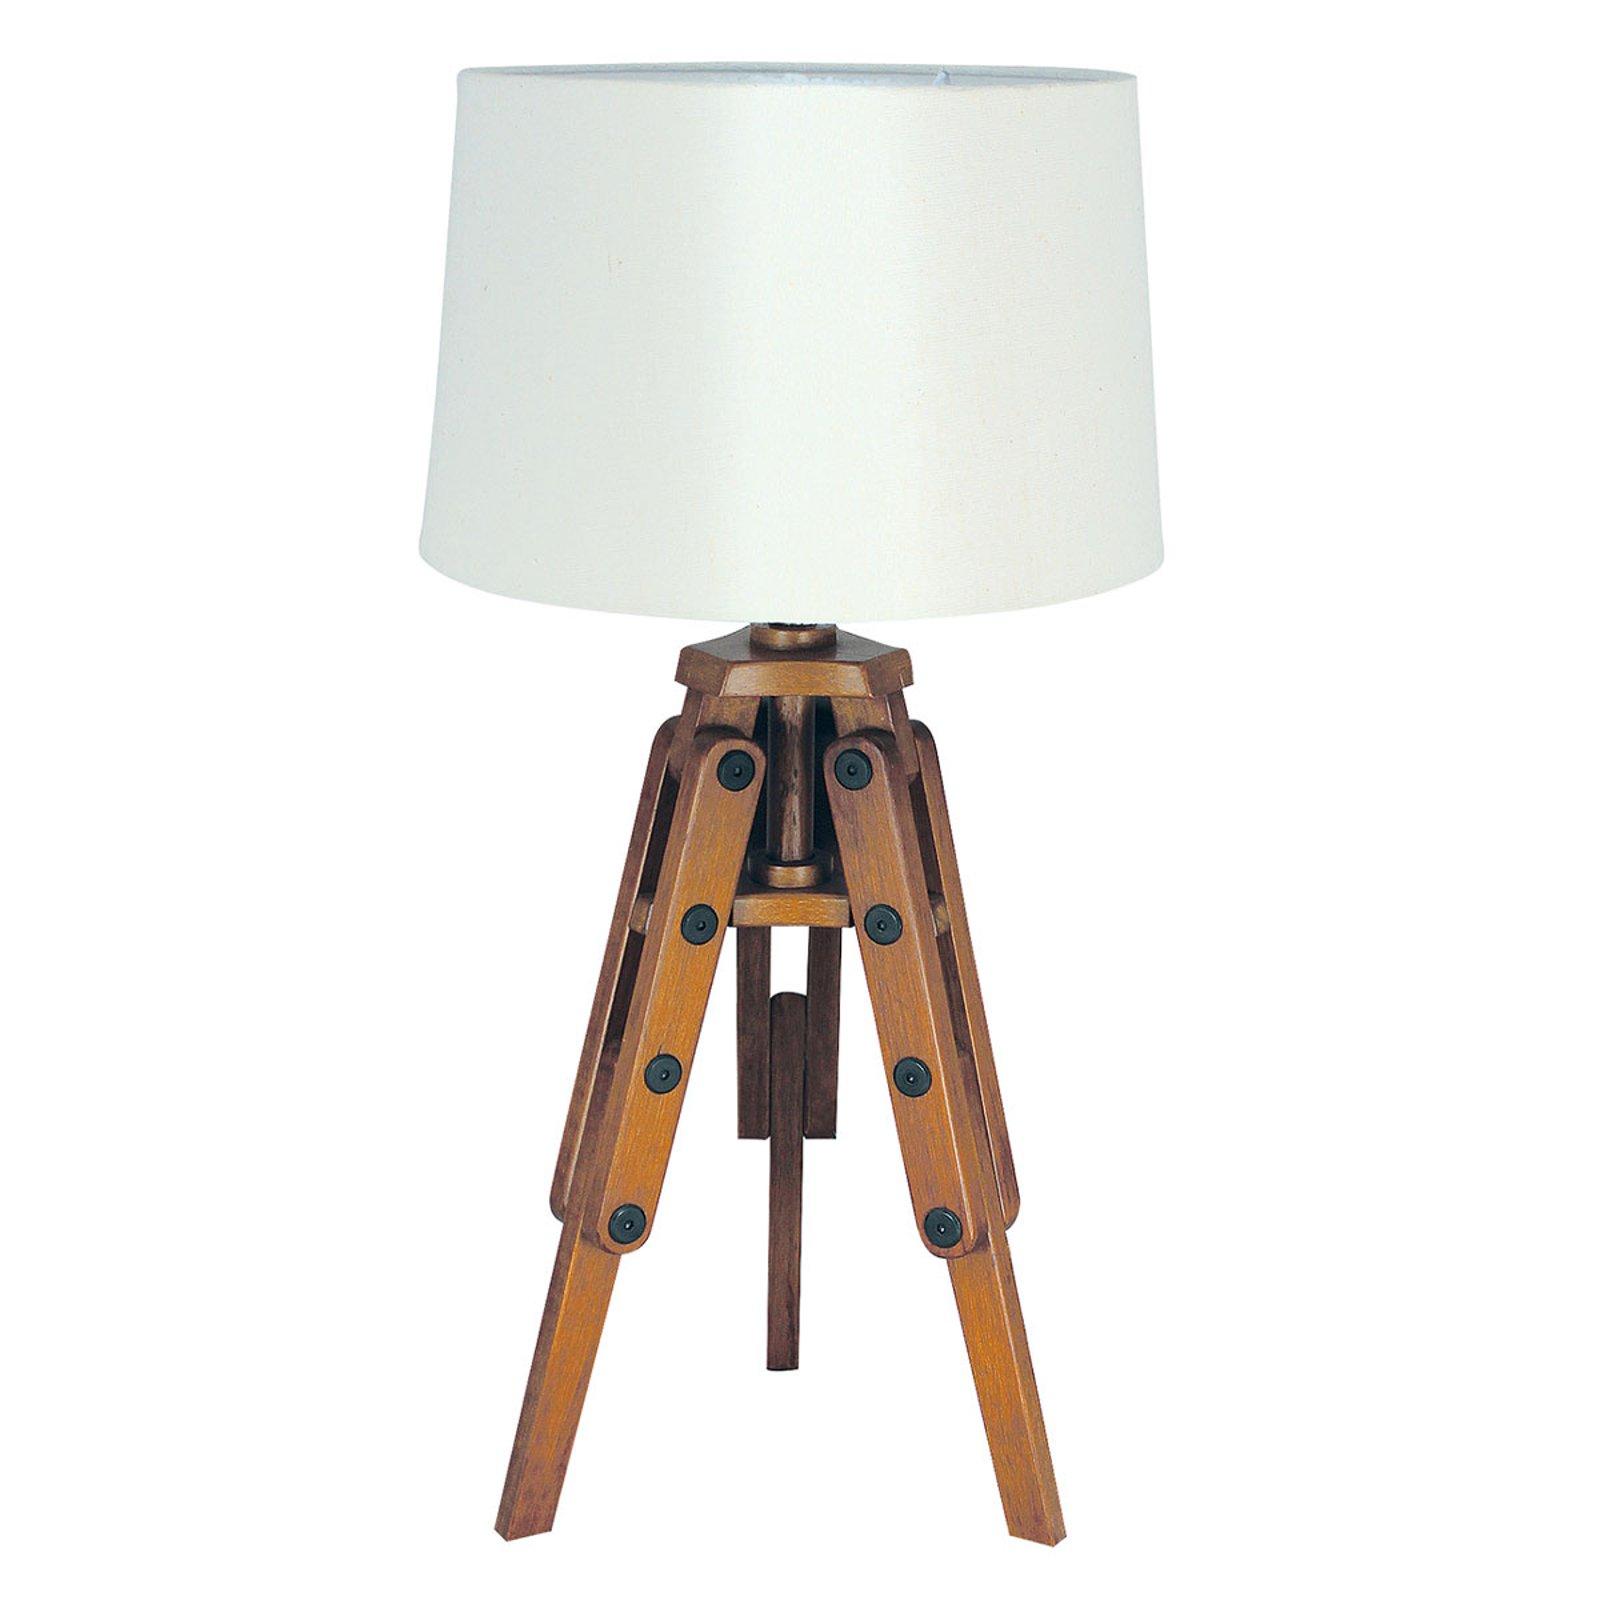 Tre-bordlampe Marvin i stativform